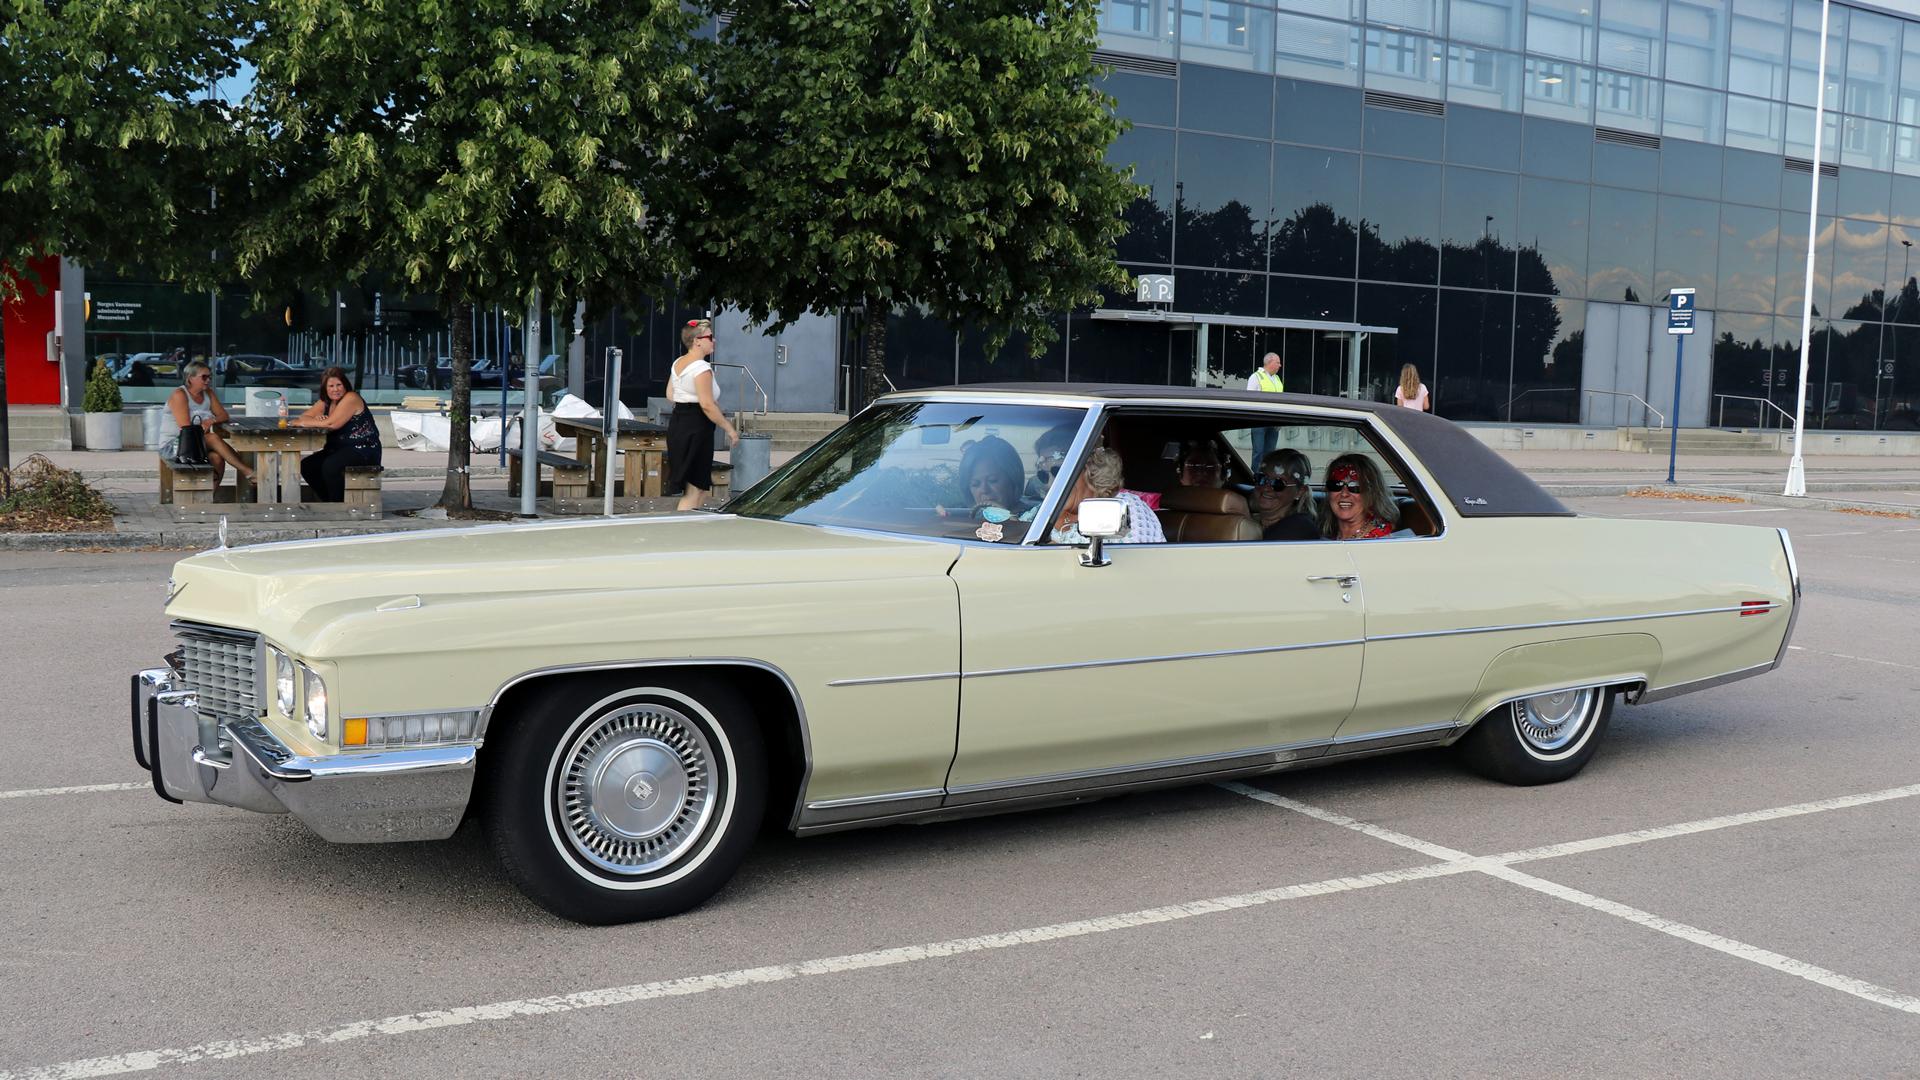 329-1972 Cadillac Coupe DeVille 02. Eier- medlem 3